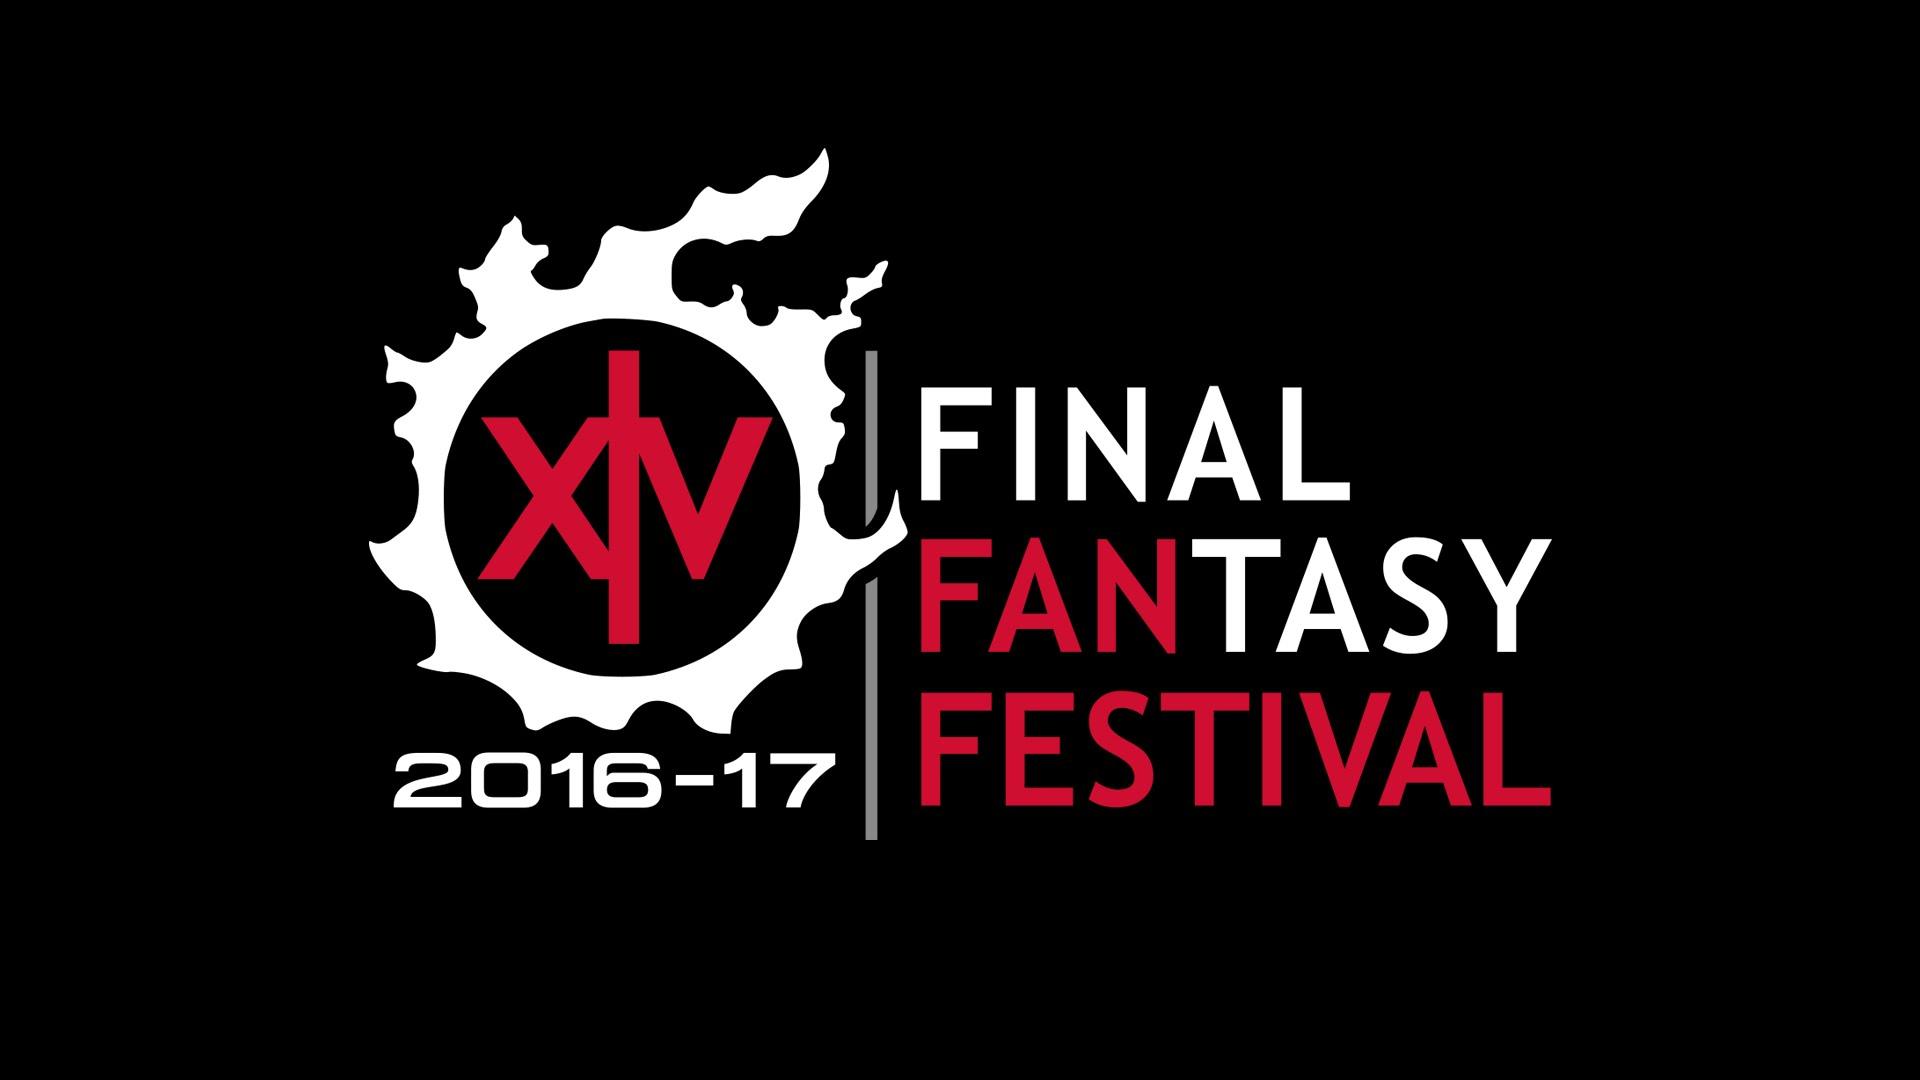 Final Fantasy XIV - Tausende Fans und spannende Ankündigungen auf dem Fan Festival in Frankfurt